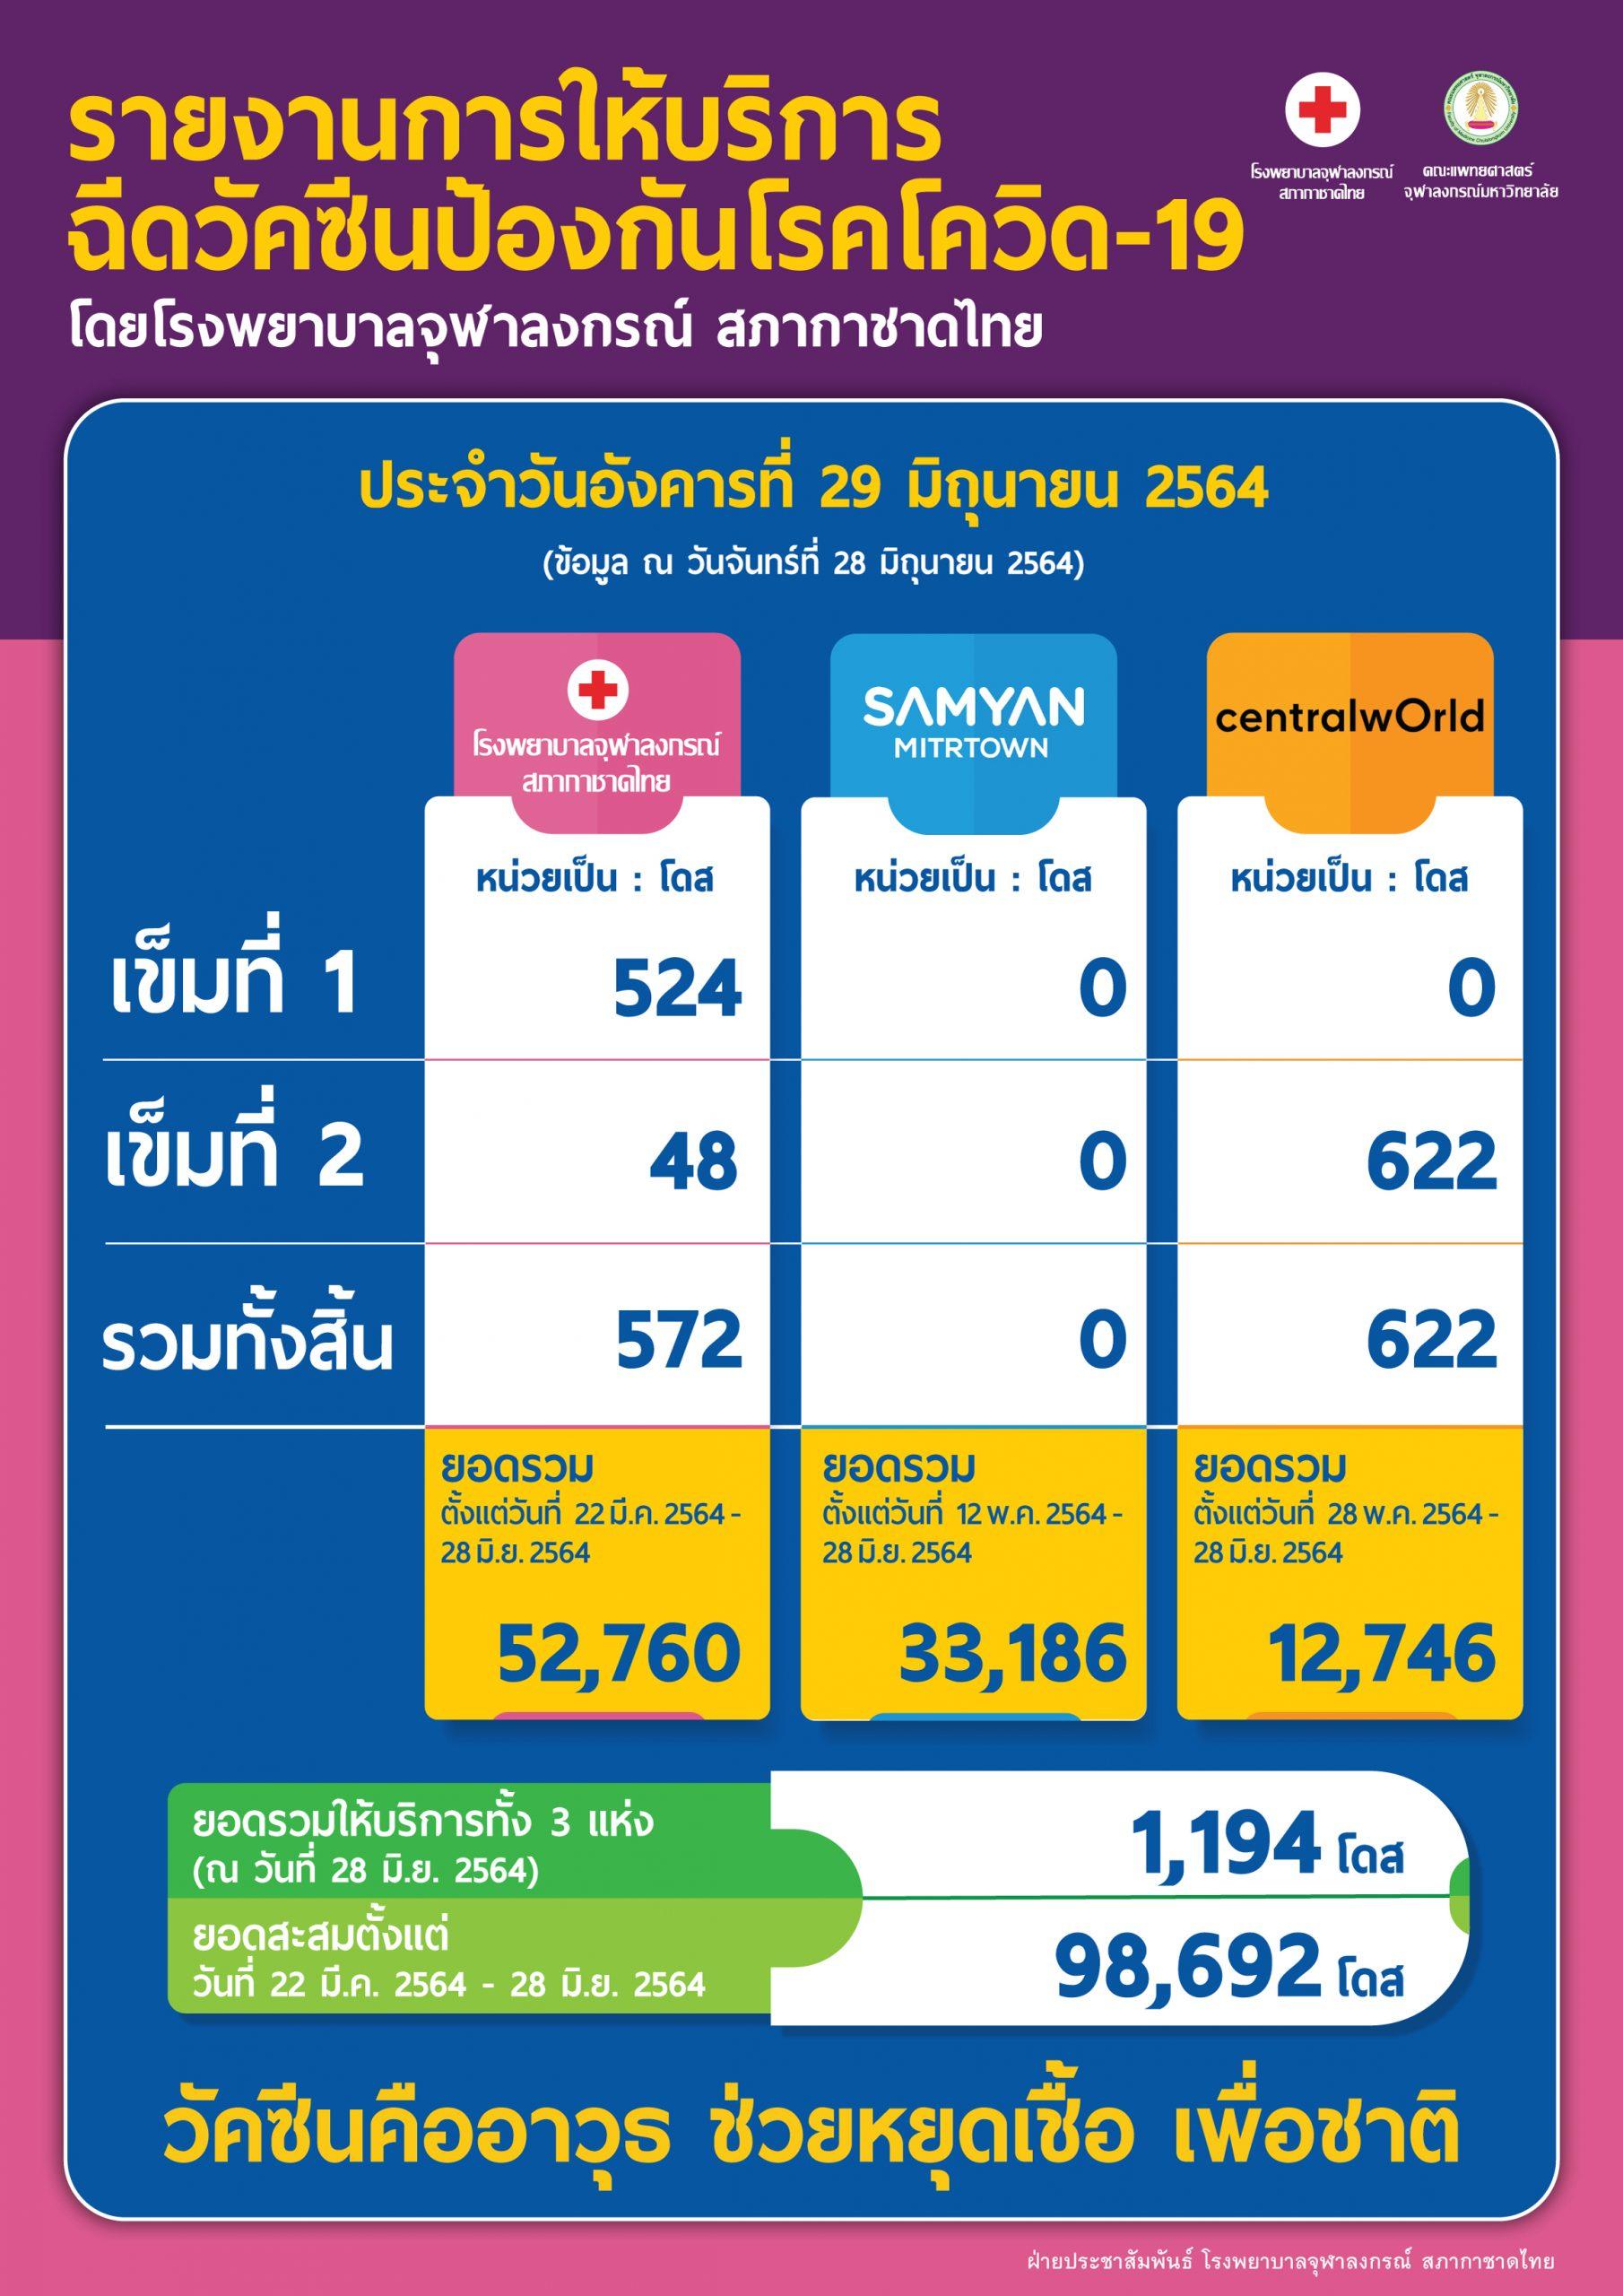 รายงานการให้บริการ ฉีดวัคซีนป้องกันโรคโควิด-19 โดยโรงพยาบาลจุฬาลงกรณ์ สภากาชาดไทย ประจำวันอังคารที่ 29 มิถุนายน 2564